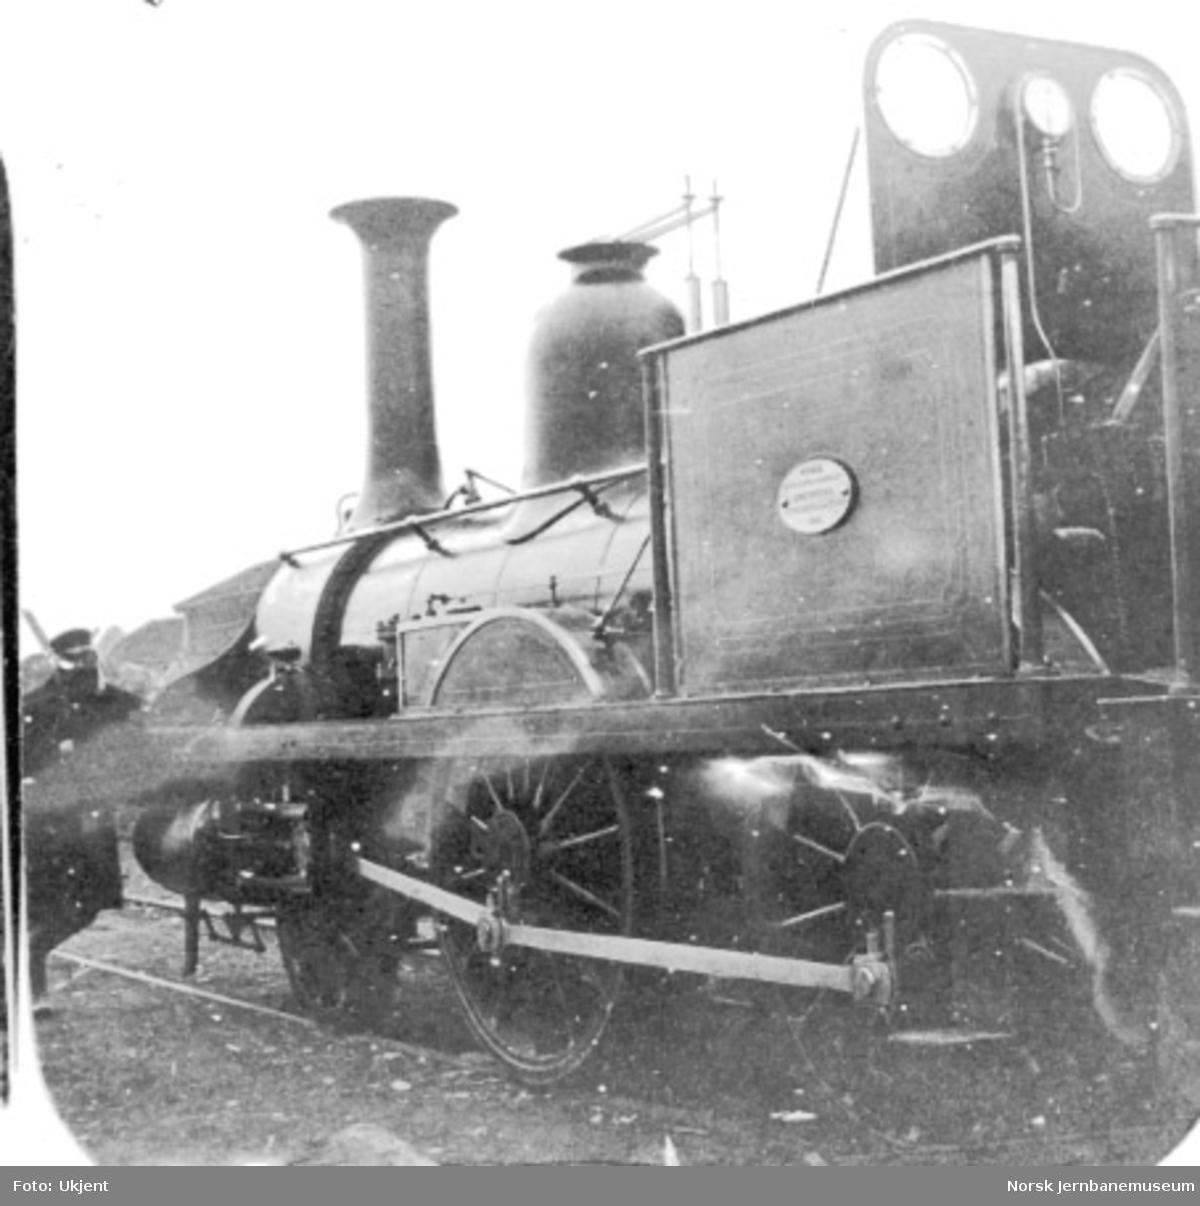 Kongsvingerbanens lokomotiv type 2a nr. 4 (senere nr. 16), fotografert på skrått bakfra slik at vi ser lokomotivet fra førerhytta og fremover